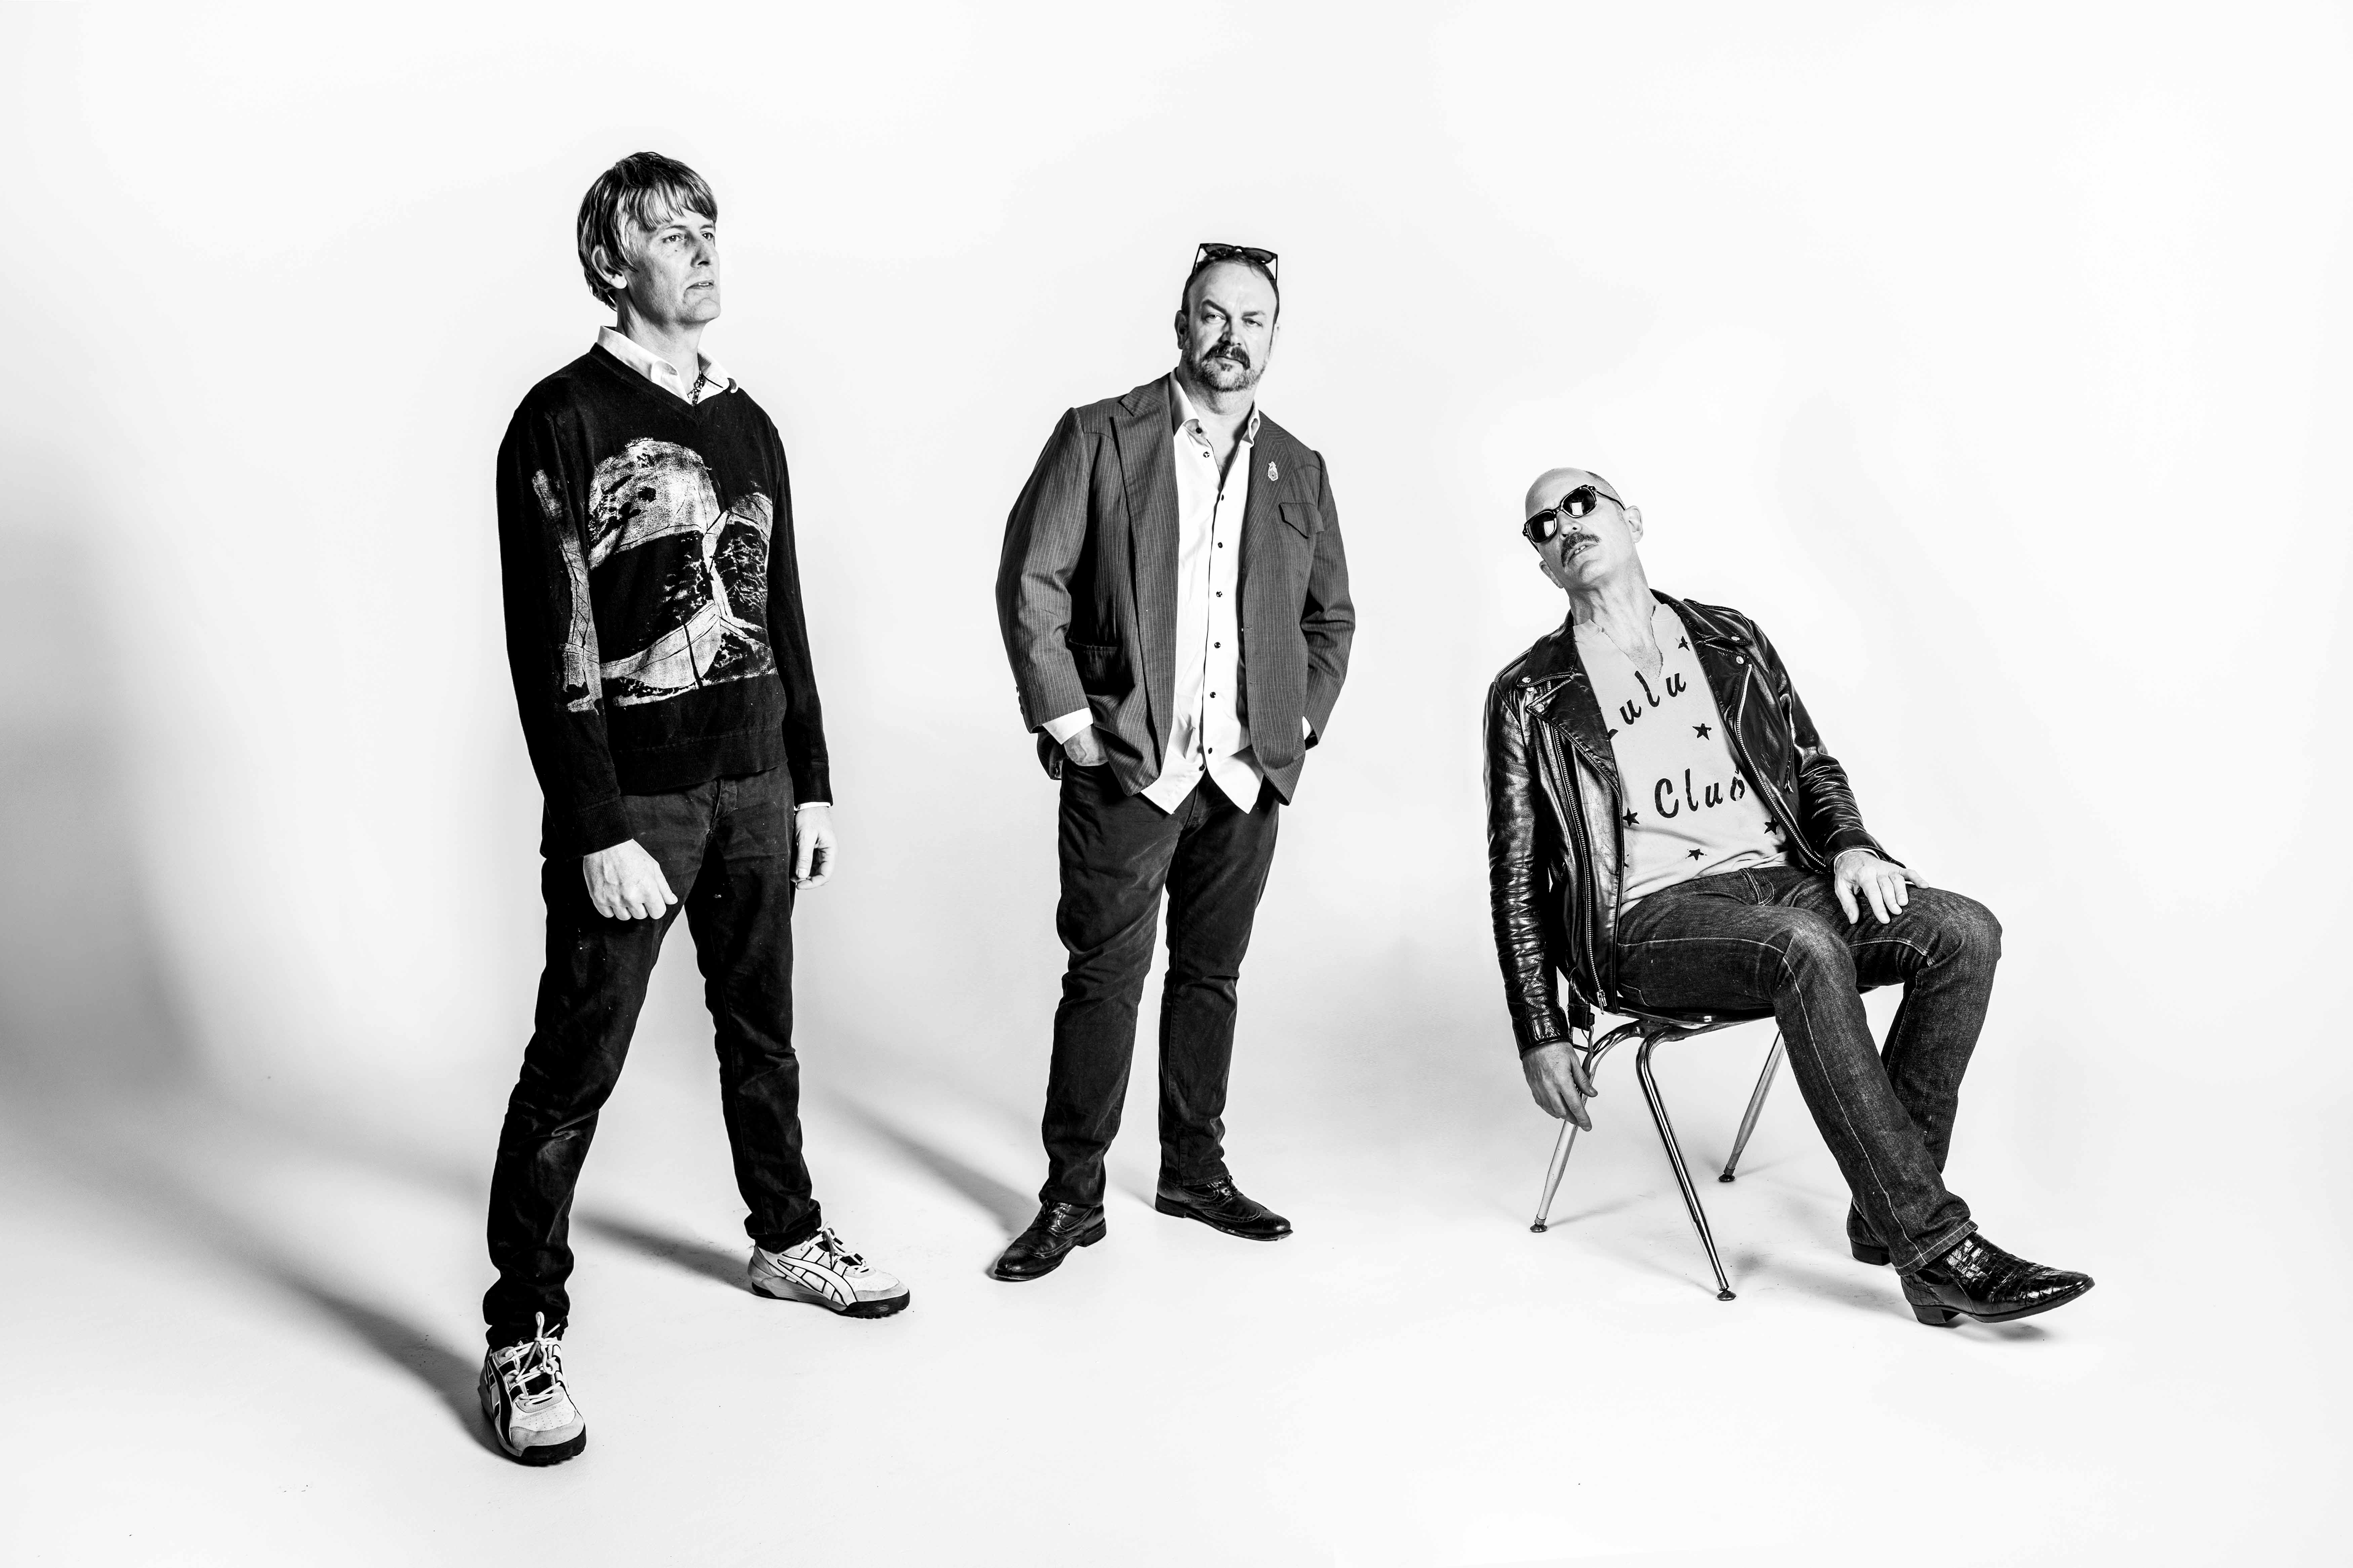 Stephen Malkmusannonce la sortie de son nouvel albumTraditional Techniques